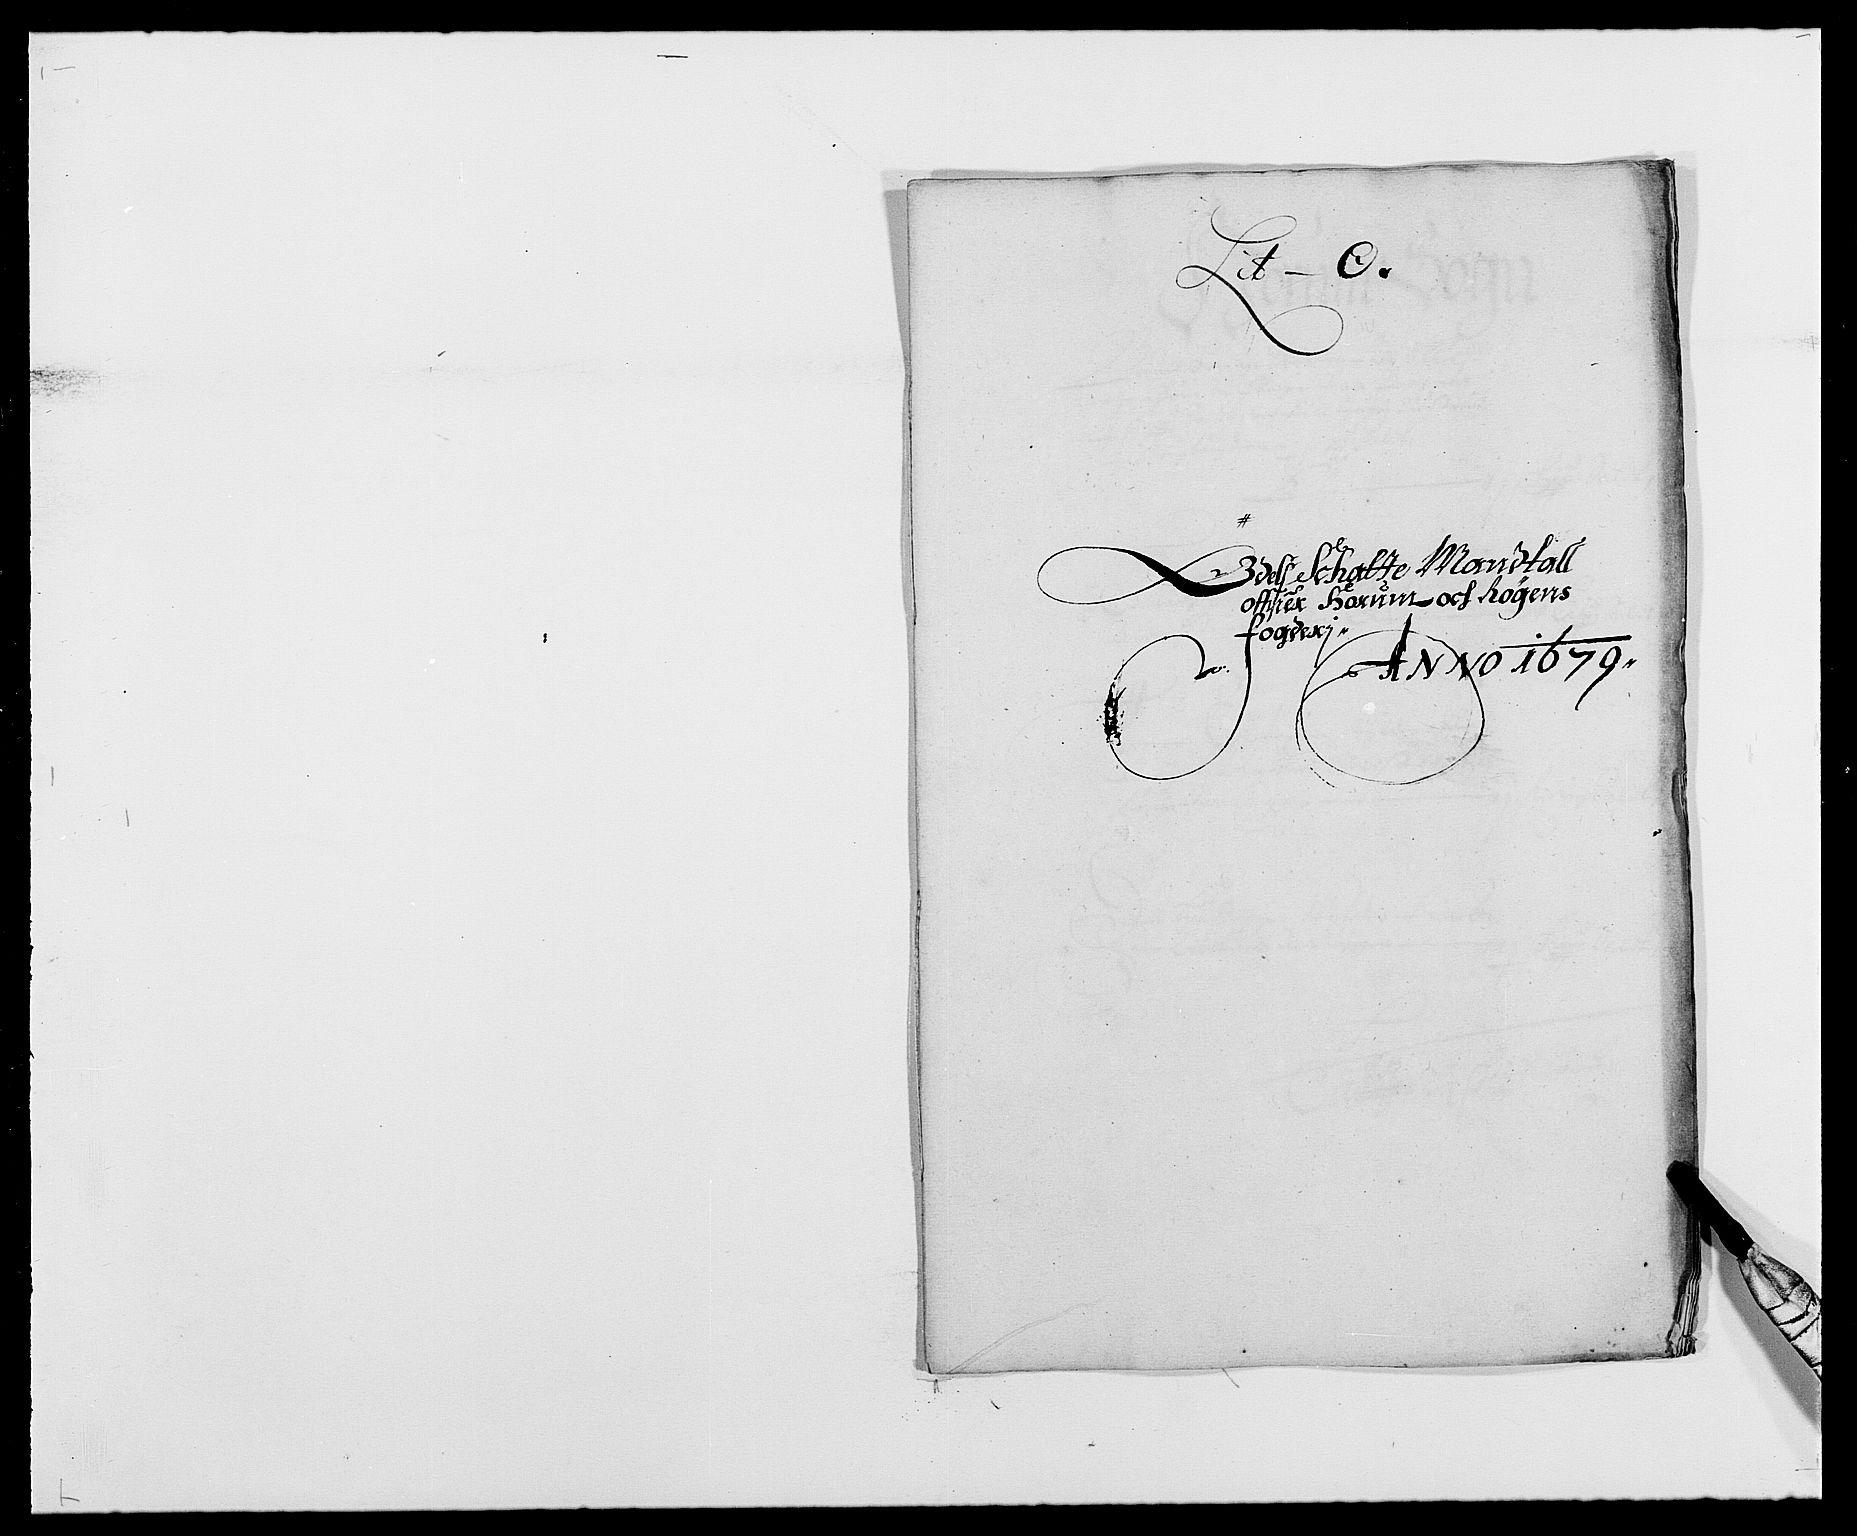 RA, Rentekammeret inntil 1814, Reviderte regnskaper, Fogderegnskap, R29/L1691: Fogderegnskap Hurum og Røyken, 1678-1681, s. 183